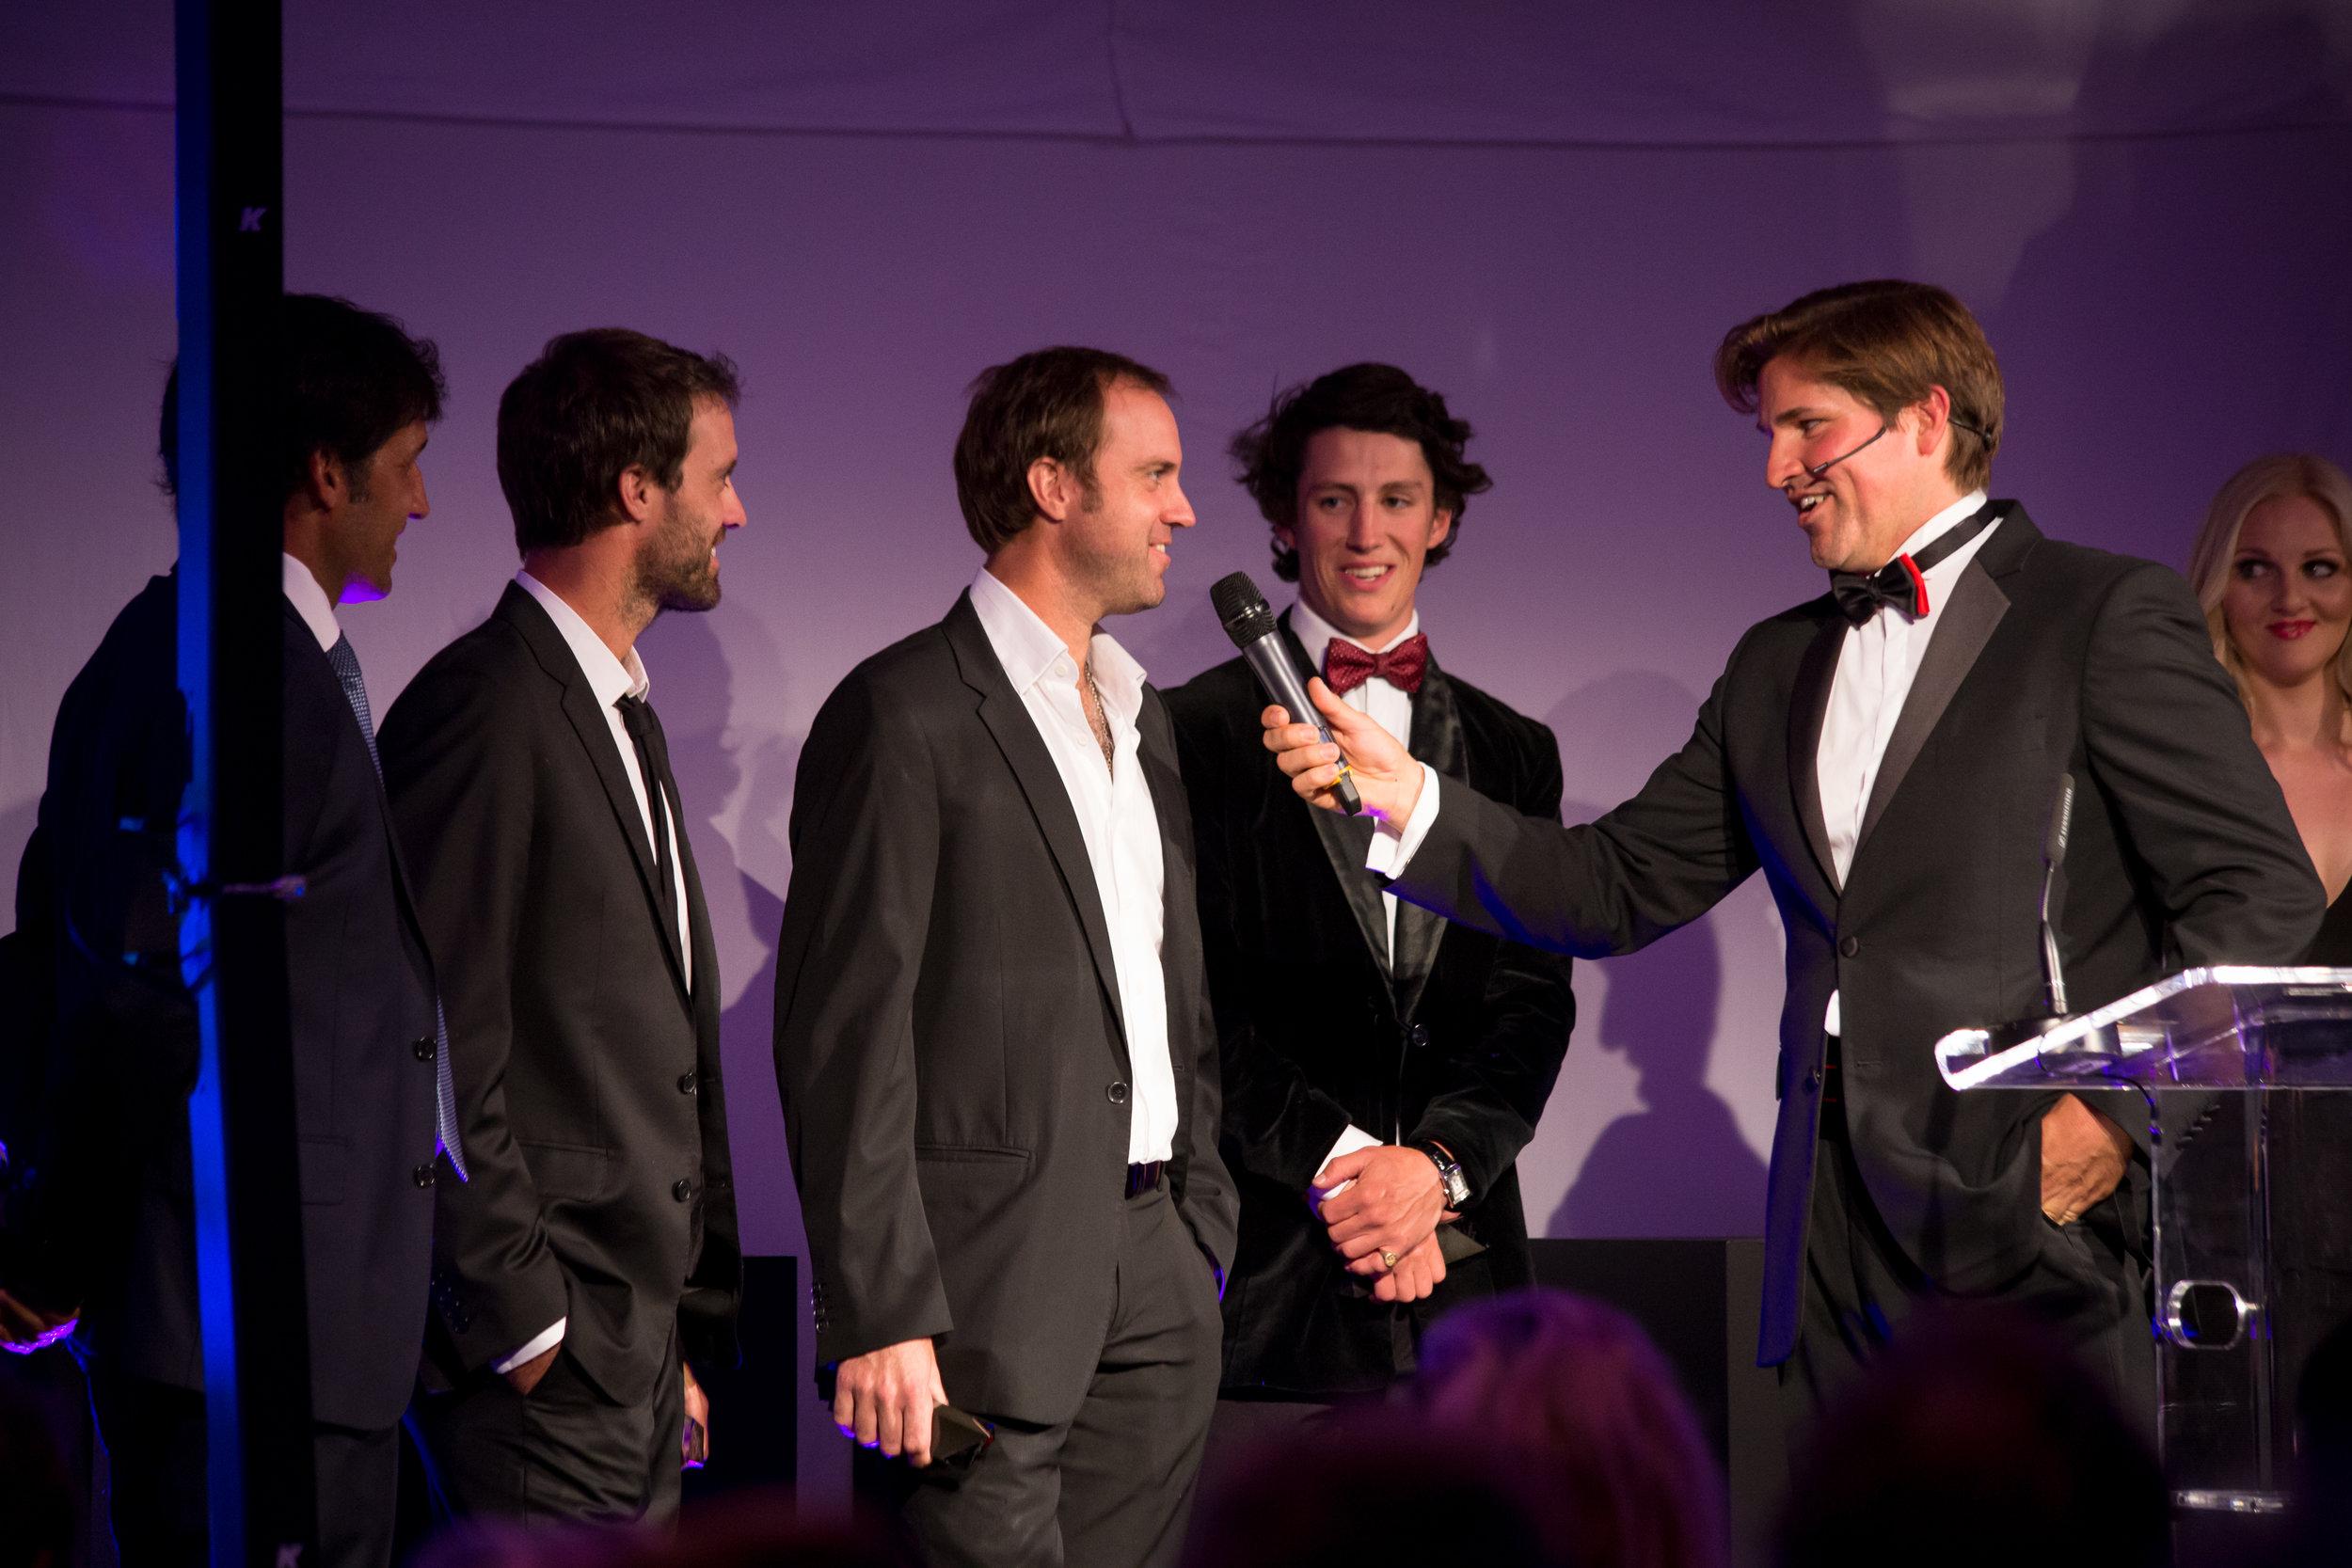 The Polo Awards